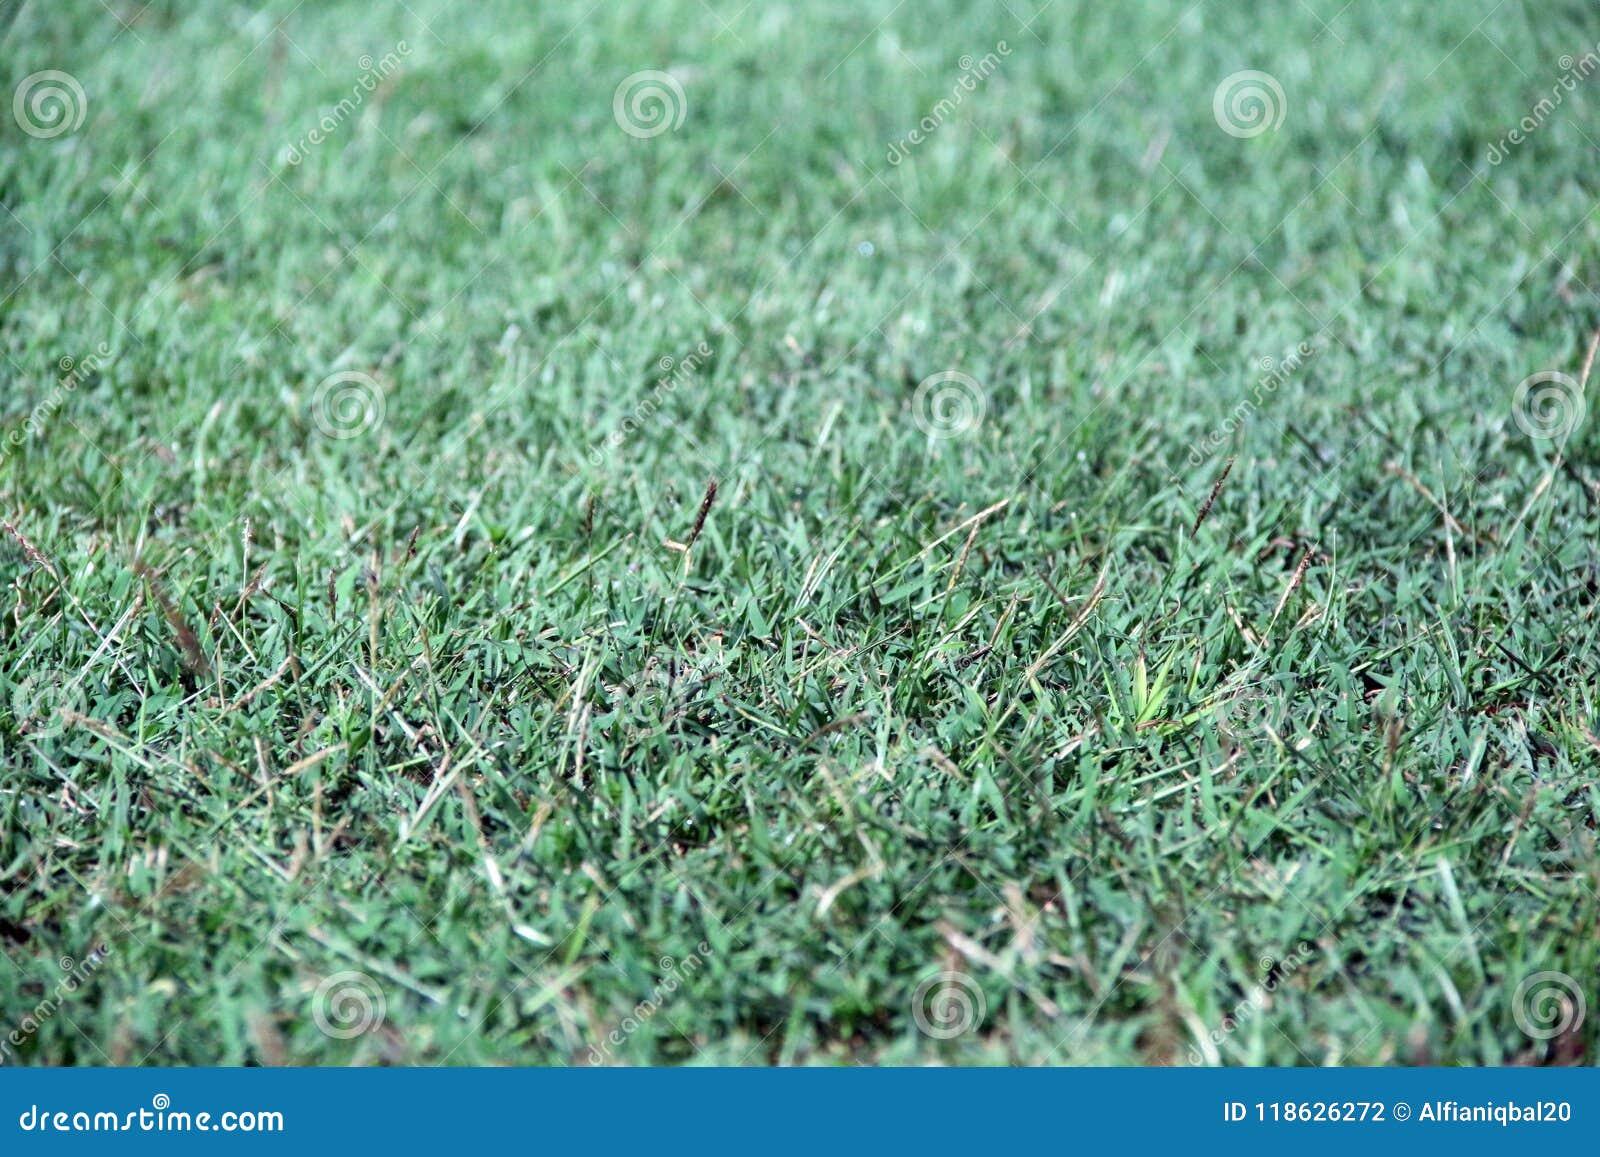 πράσινη σύσταση χλόης Πράσινη τεχνητή χλόη στο έδαφος Πράσινος τομέας χλόης λιβαδιών για το ποδόσφαιρο